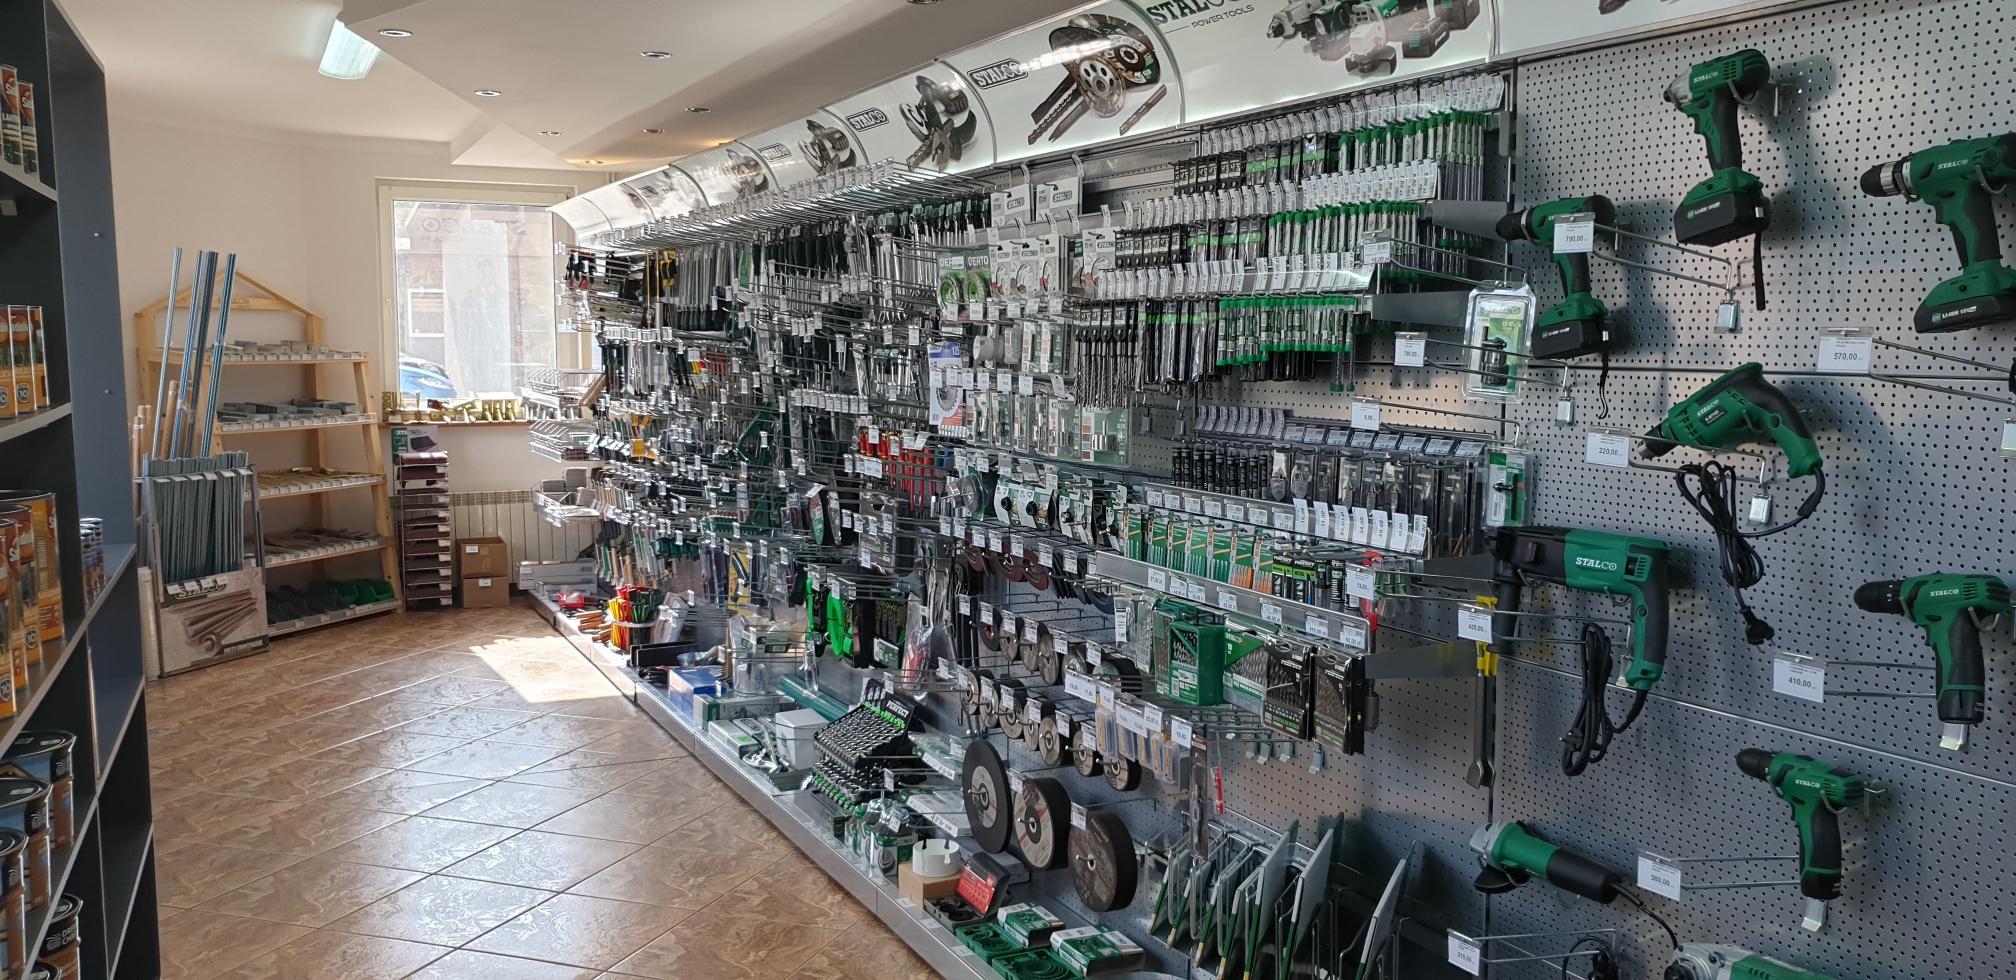 Nowy sklep z artykułami metalowymi i budowlanymi już czynny